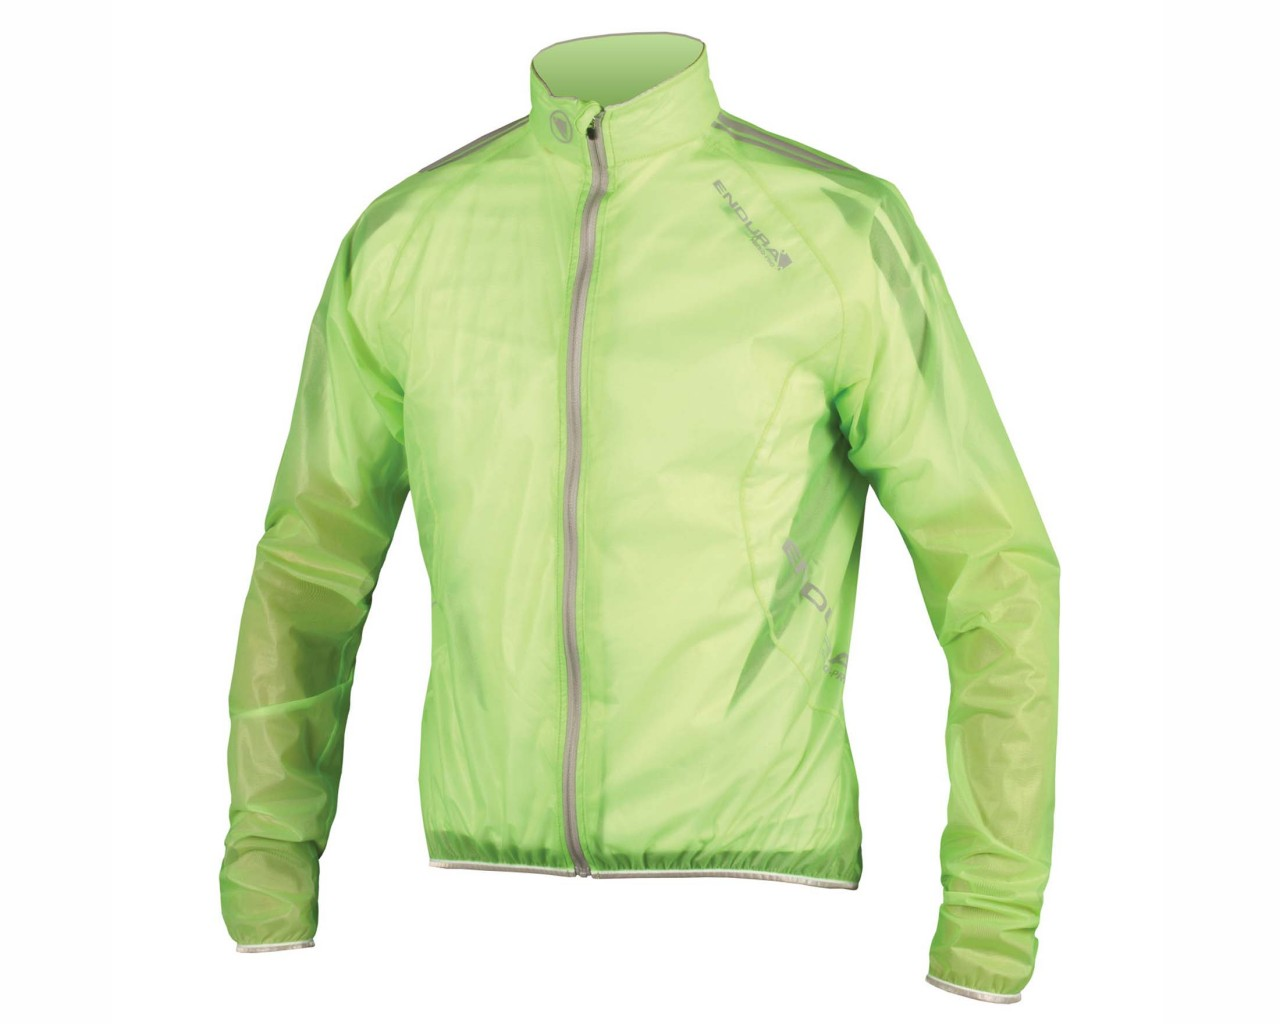 Endura FS260-Pro Adrenaline Race Cape waterproof Jacket   lime green